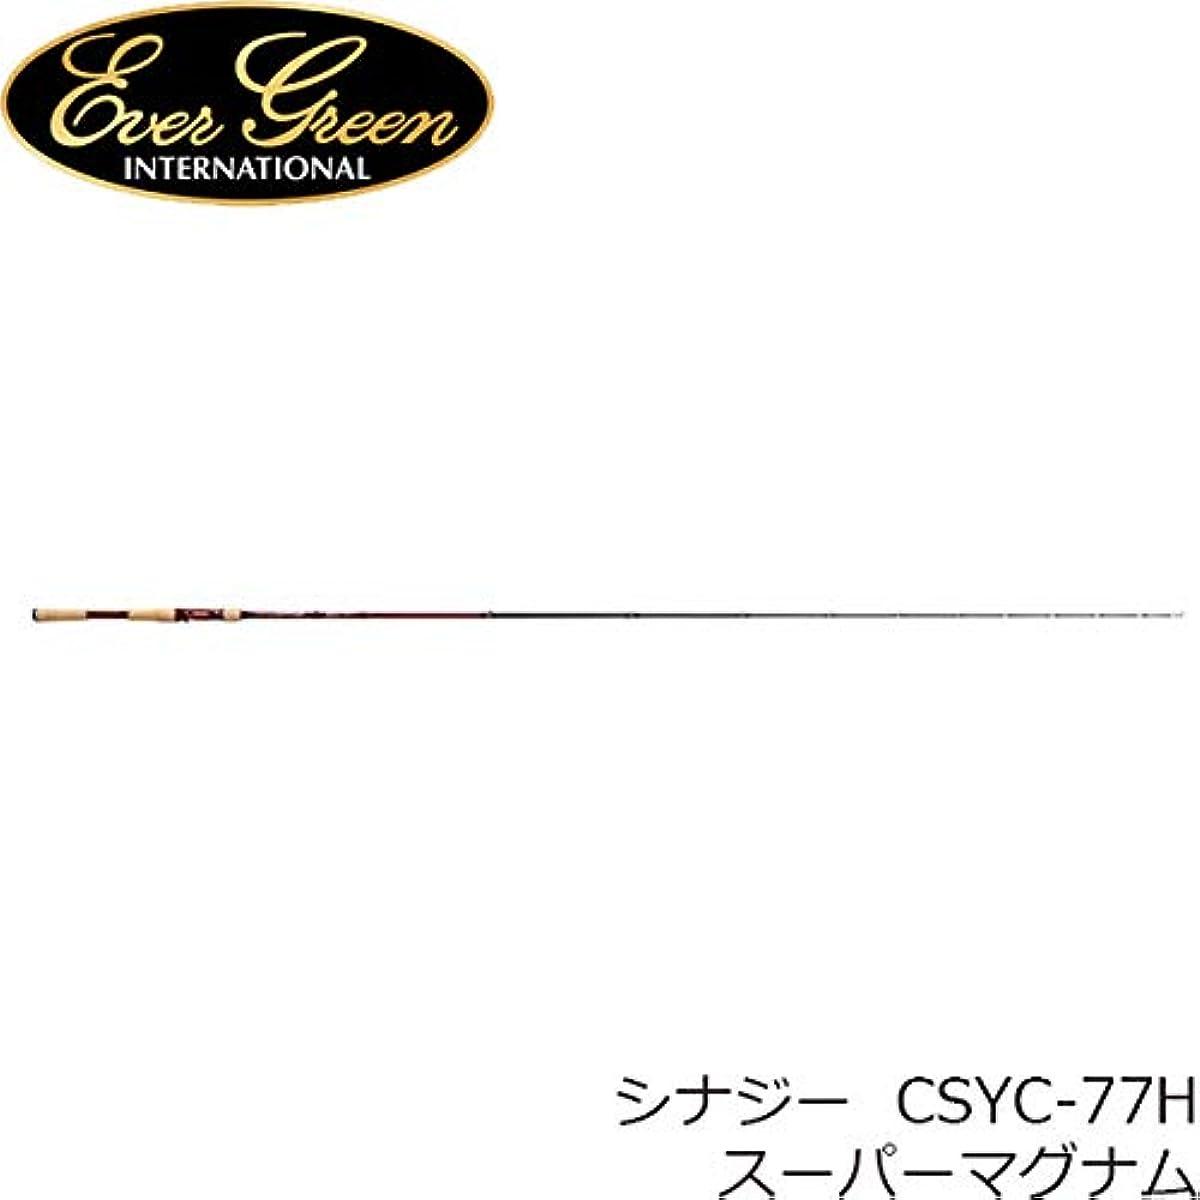 [해외] 애버그린 시나지 CSYC-77H 슈퍼 매그넘